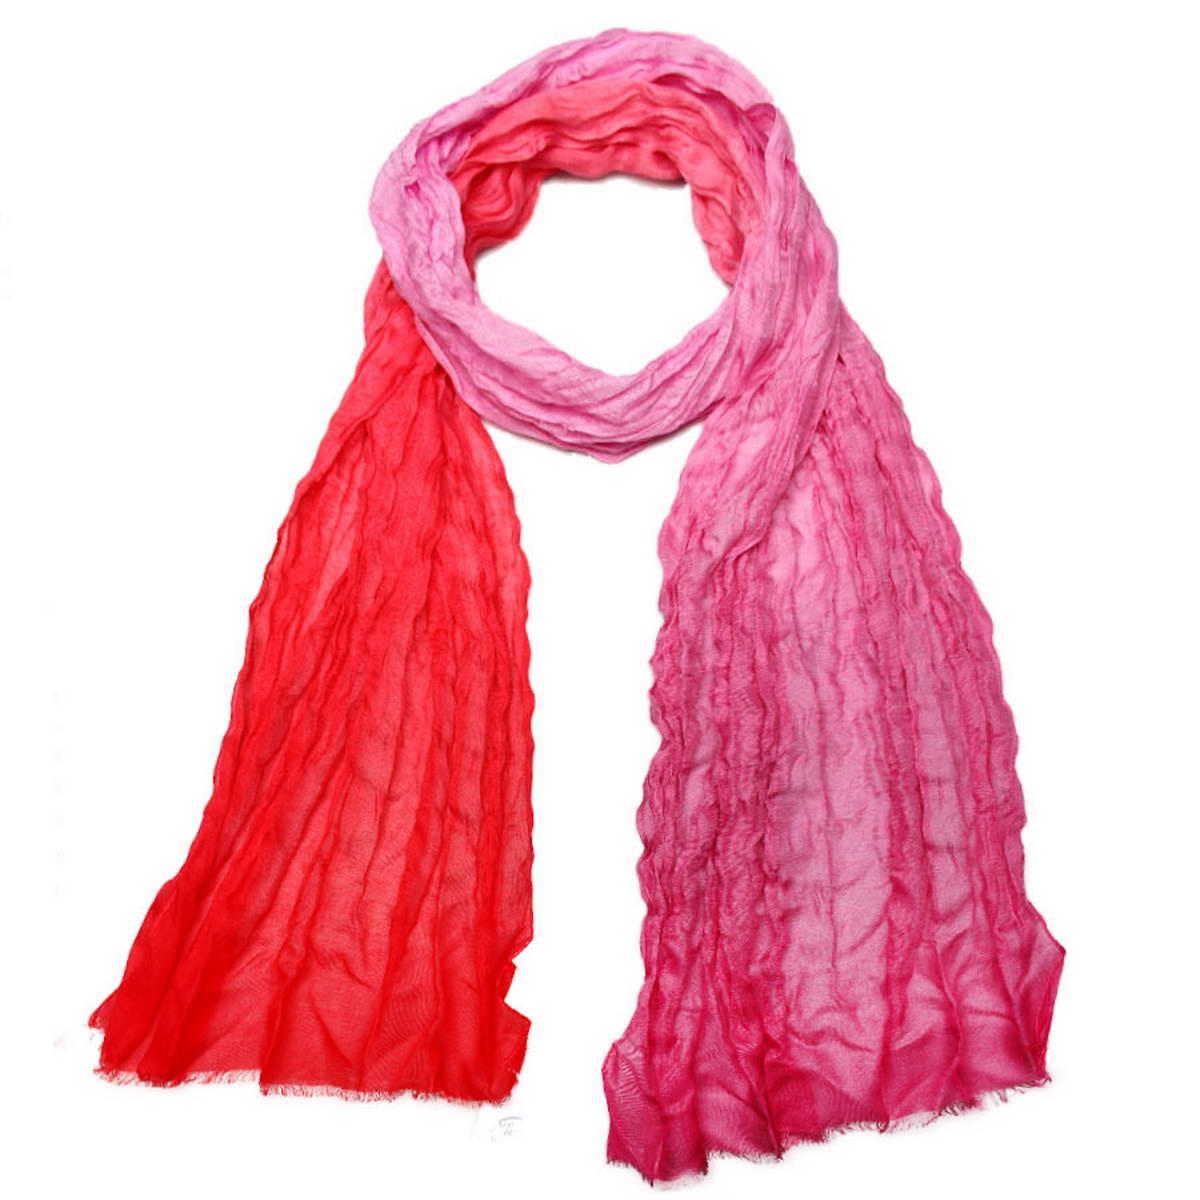 Шарф женский Venera, цвет: красный, розовый. 3400152. Размер 45 см х 190 см3400152Модный женский шарф Venera подарит вам уют и станет стильным аксессуаром, который призван подчеркнуть вашу индивидуальность и женственность. Тонкий шарф выполнен из высококачественного модала, он невероятно мягкий и приятный на ощупь. Шарф оформлен изысканными цветовыми переходами.Этот модный аксессуар гармонично дополнит образ современной женщины, следящей за своим имиджем и стремящейся всегда оставаться стильной и элегантной. Такой шарф украсит любой наряд и согреет вас в непогоду, с ним вы всегда будете выглядеть изысканно и оригинально.